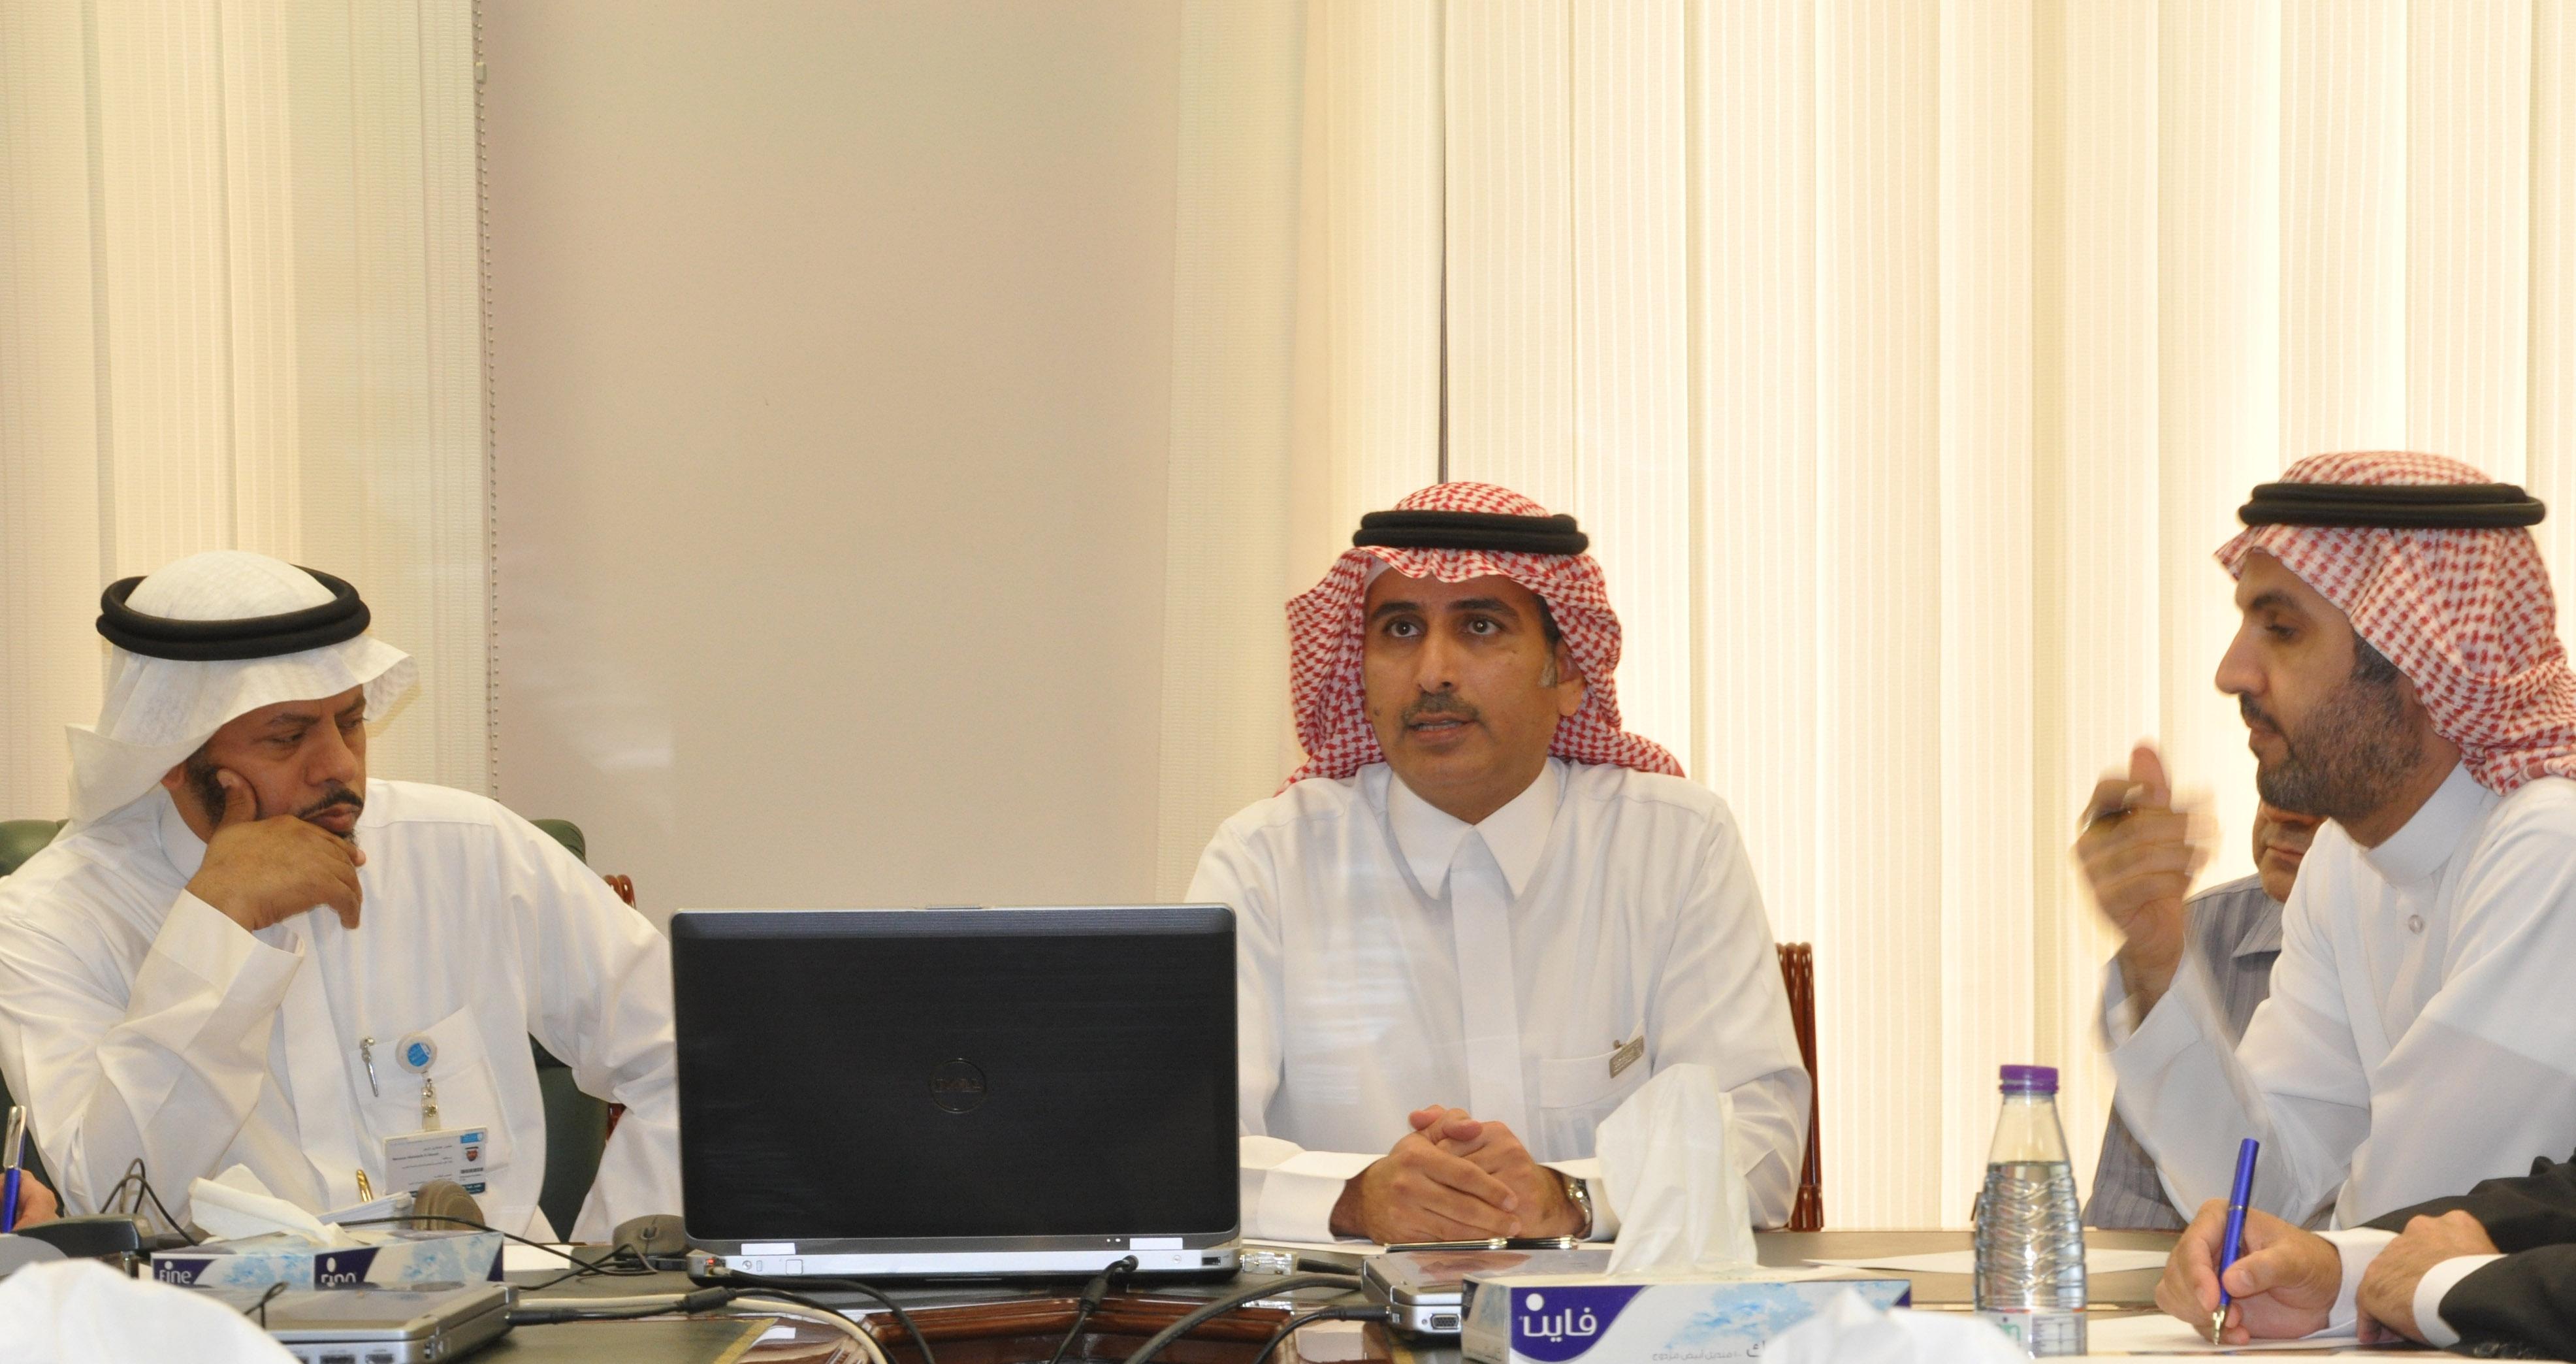 عمادة التطوير والجودة تعقد اجتماع مع كلية علوم الحاسب والمعلومات